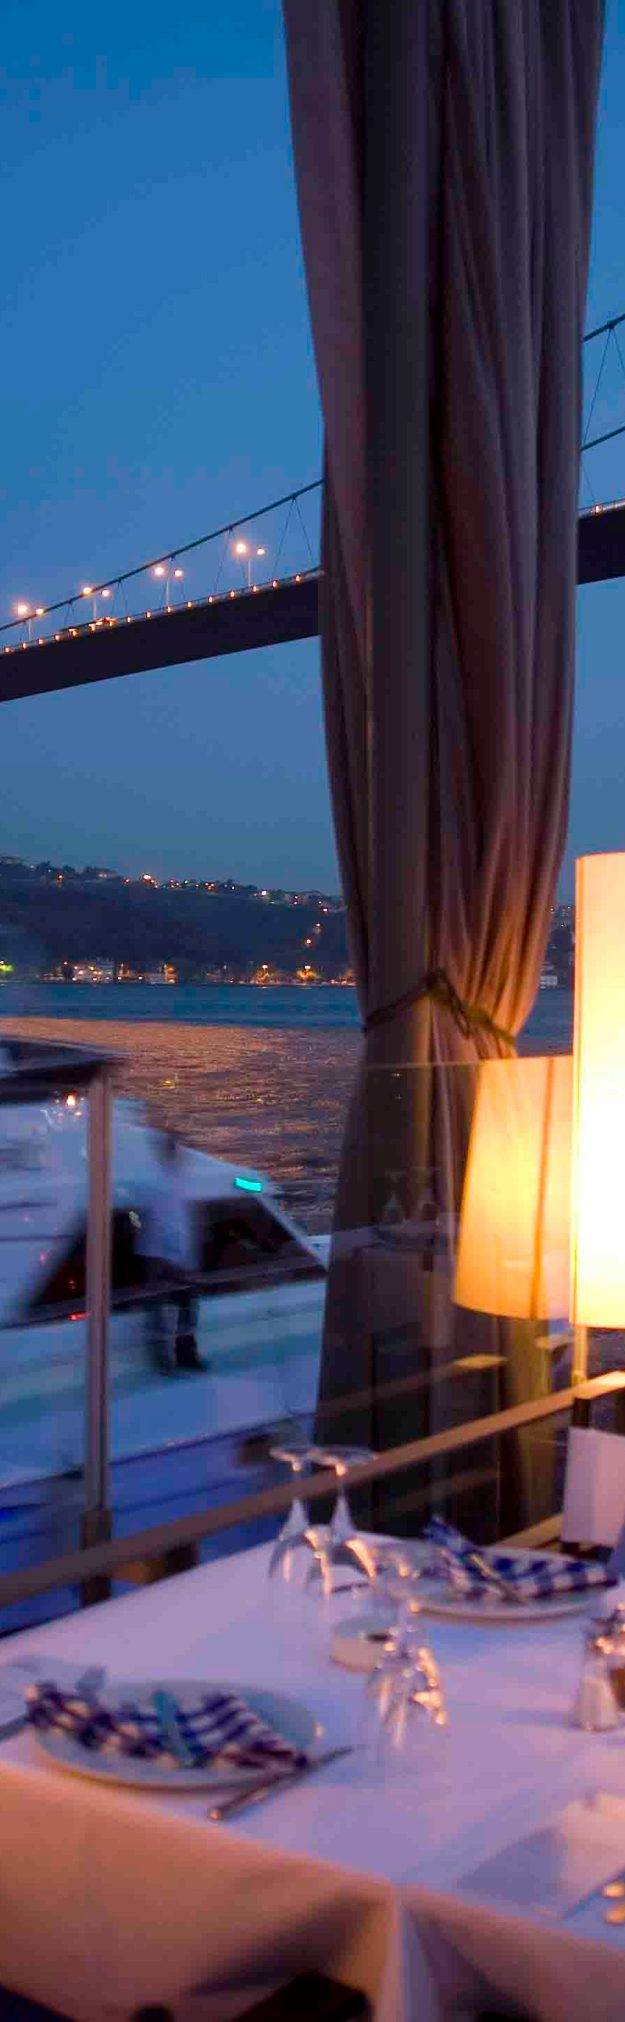 25 World's Best Restaurant Views 92